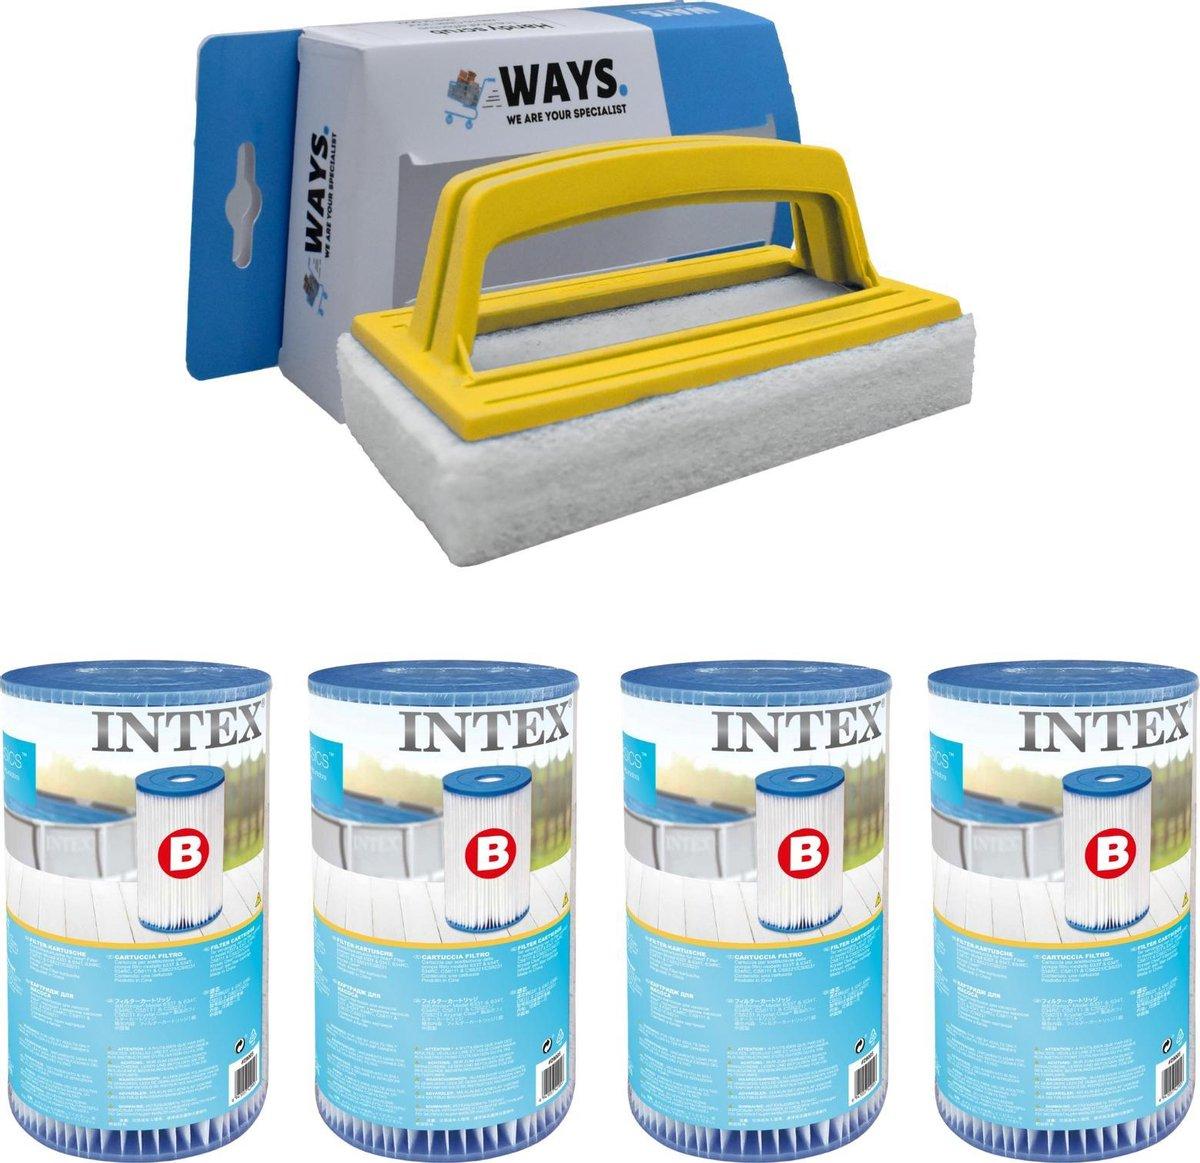 Intex - Filter type B - 4 stuks - Geschikt voor filterpomp 28634GS & WAYS scrubborstel